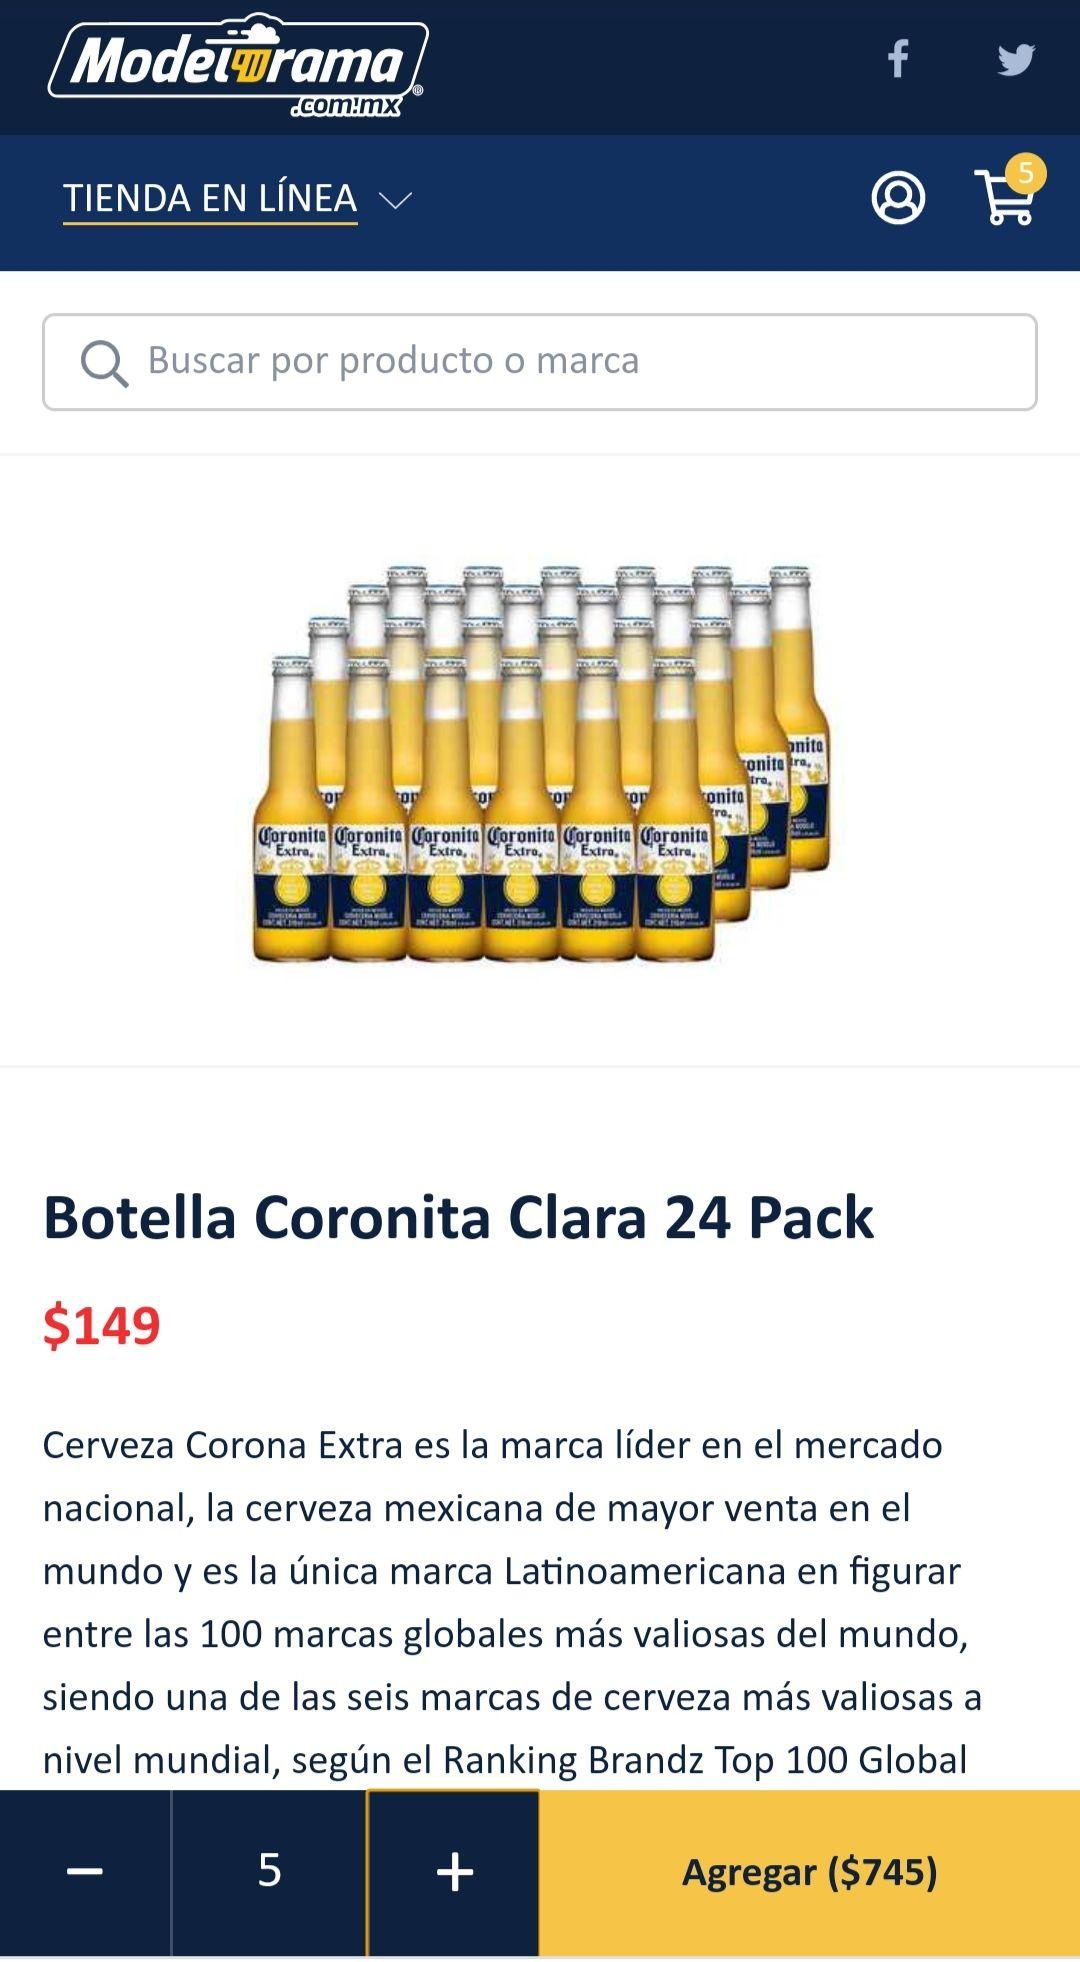 Modelorama: Botella Coronita Clara 24 Pack ($5.68 cada botella comprando 5 paquetes con cupón)